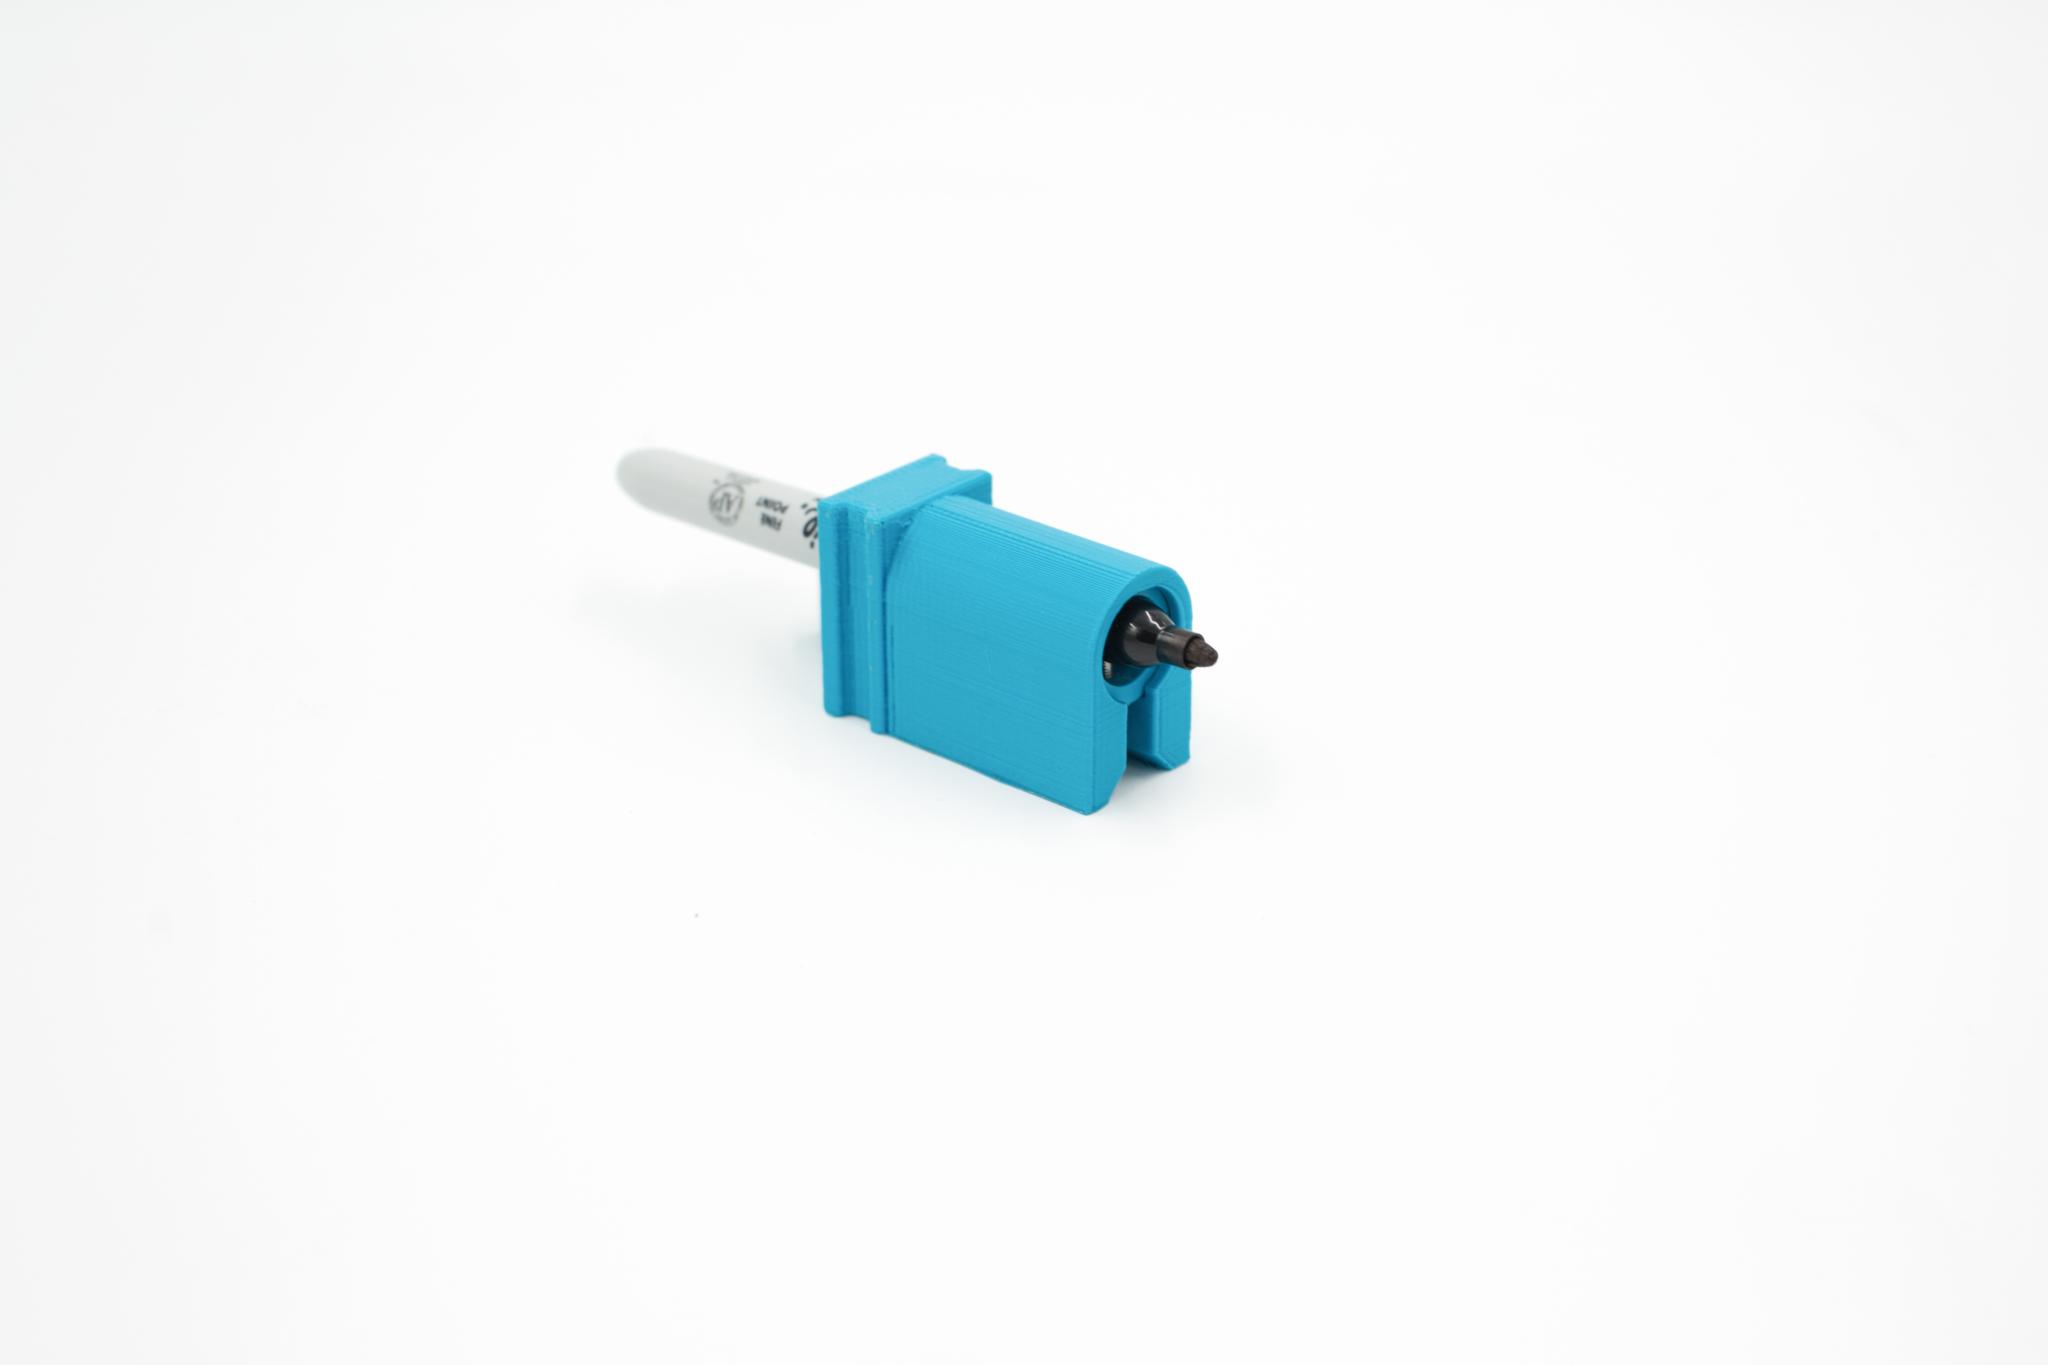 Outil traceur imprimante 3D multifonctions EVY